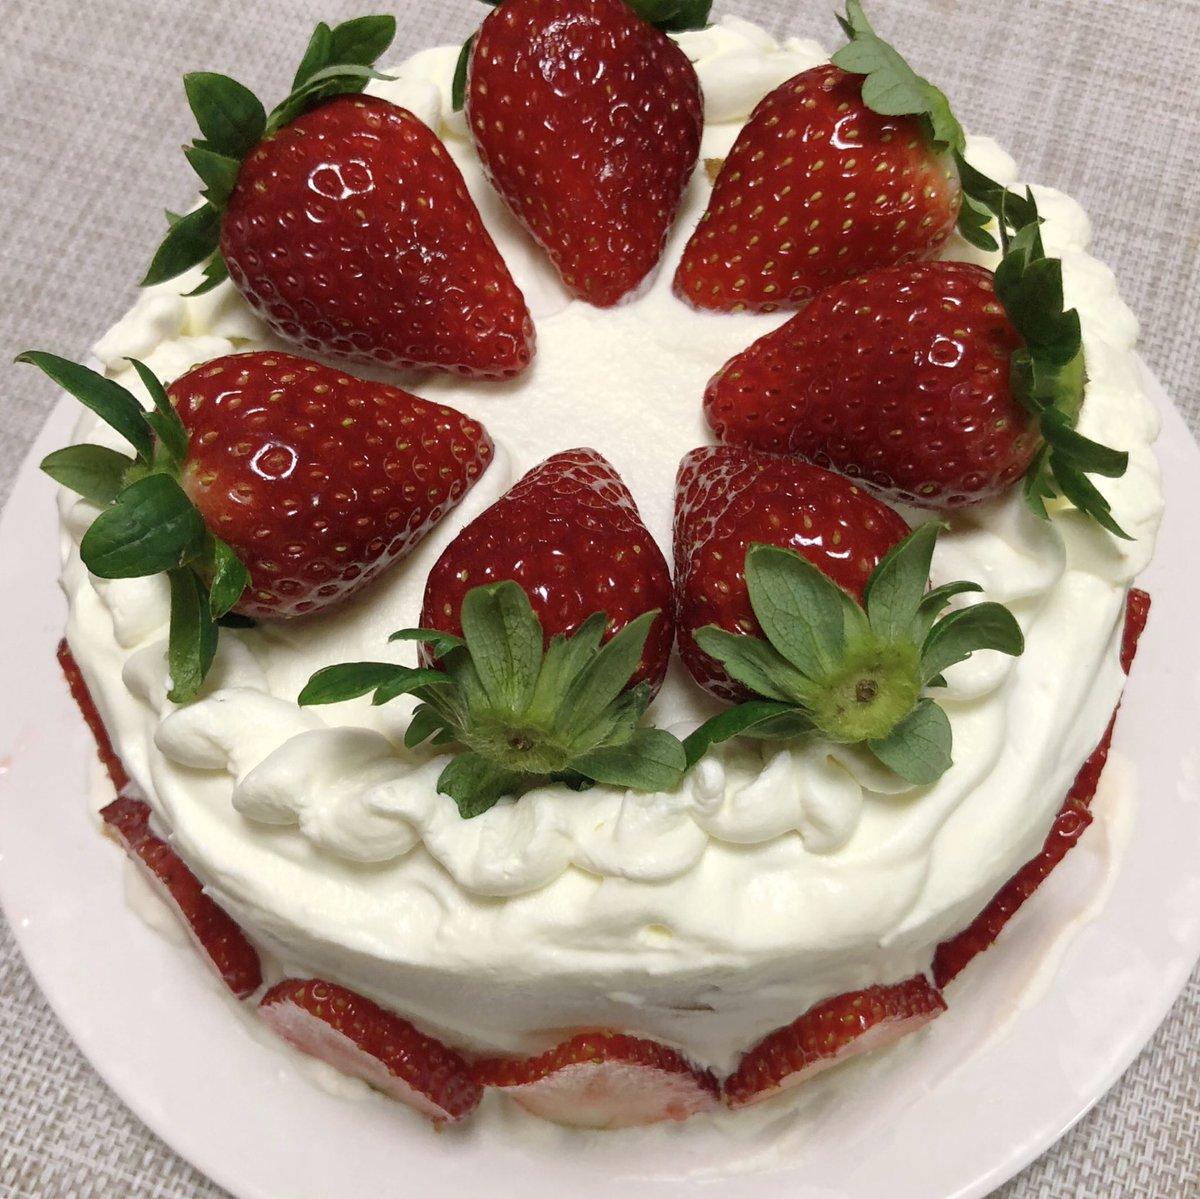 22歳になりました!日付変わった瞬間からたくさんのメッセージありがとう😭😭うるうるしながら読んでます🥺今年もケーキはお母さんが作ってくれました🍰🍰これからも自分らしく精一杯頑張っていくのでよろしくお願いします!